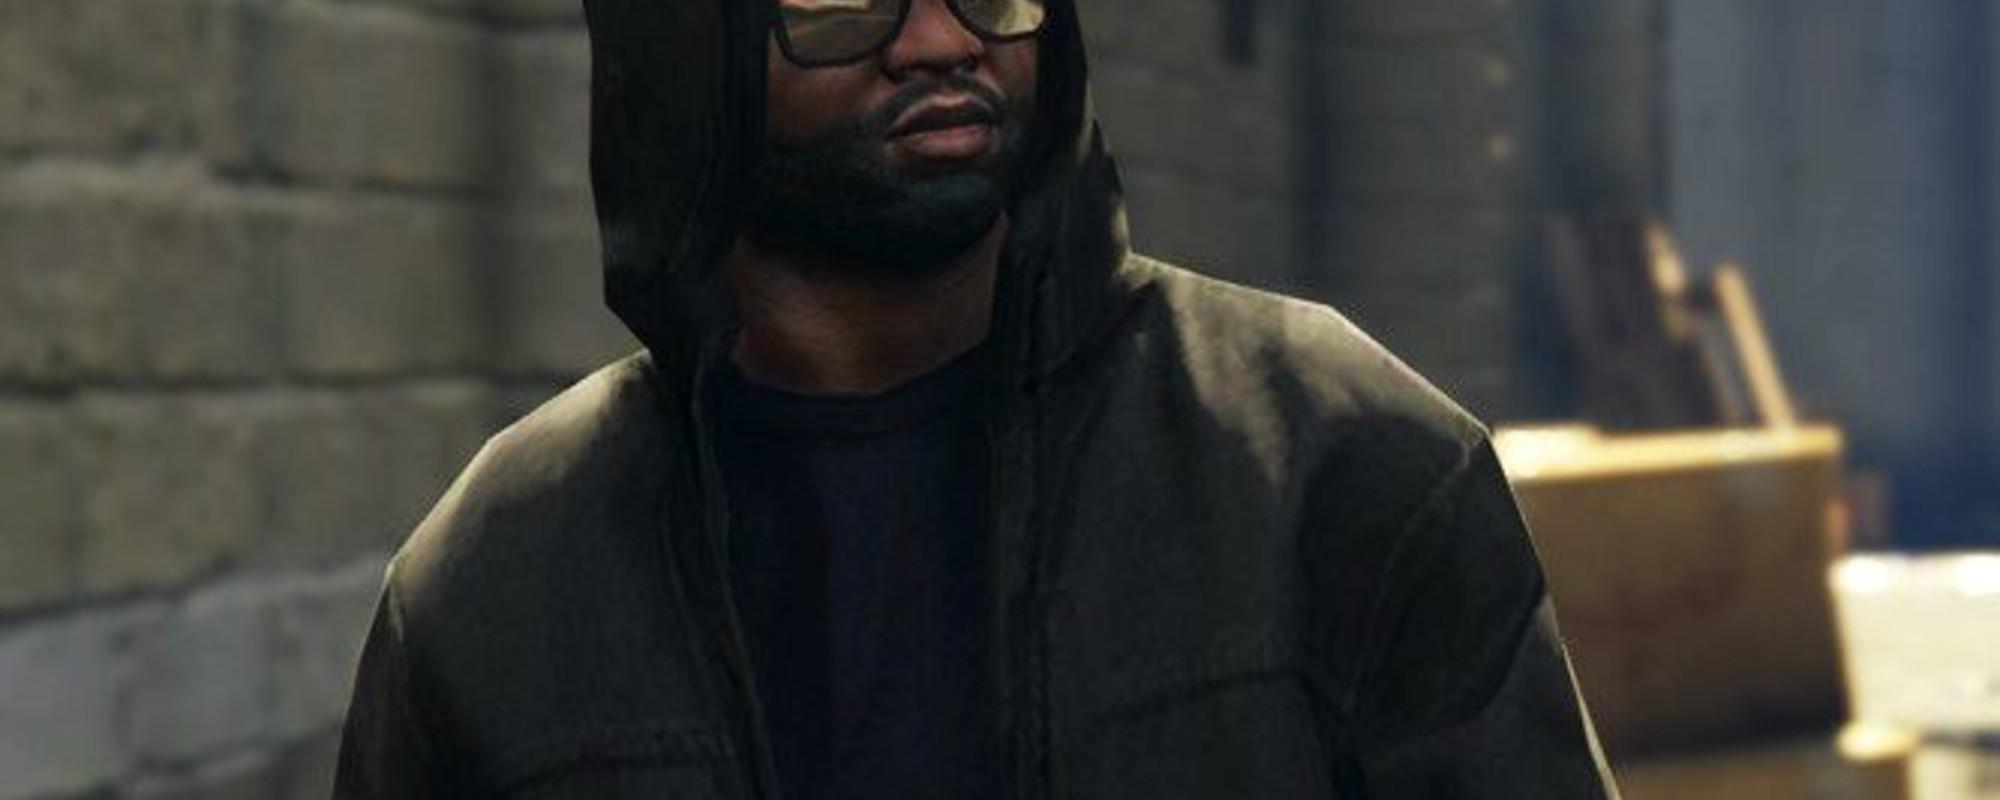 Φωτογραφίζοντας τους Κατοίκους των Φανταστικών Πόλεων από το Grand Theft Auto V